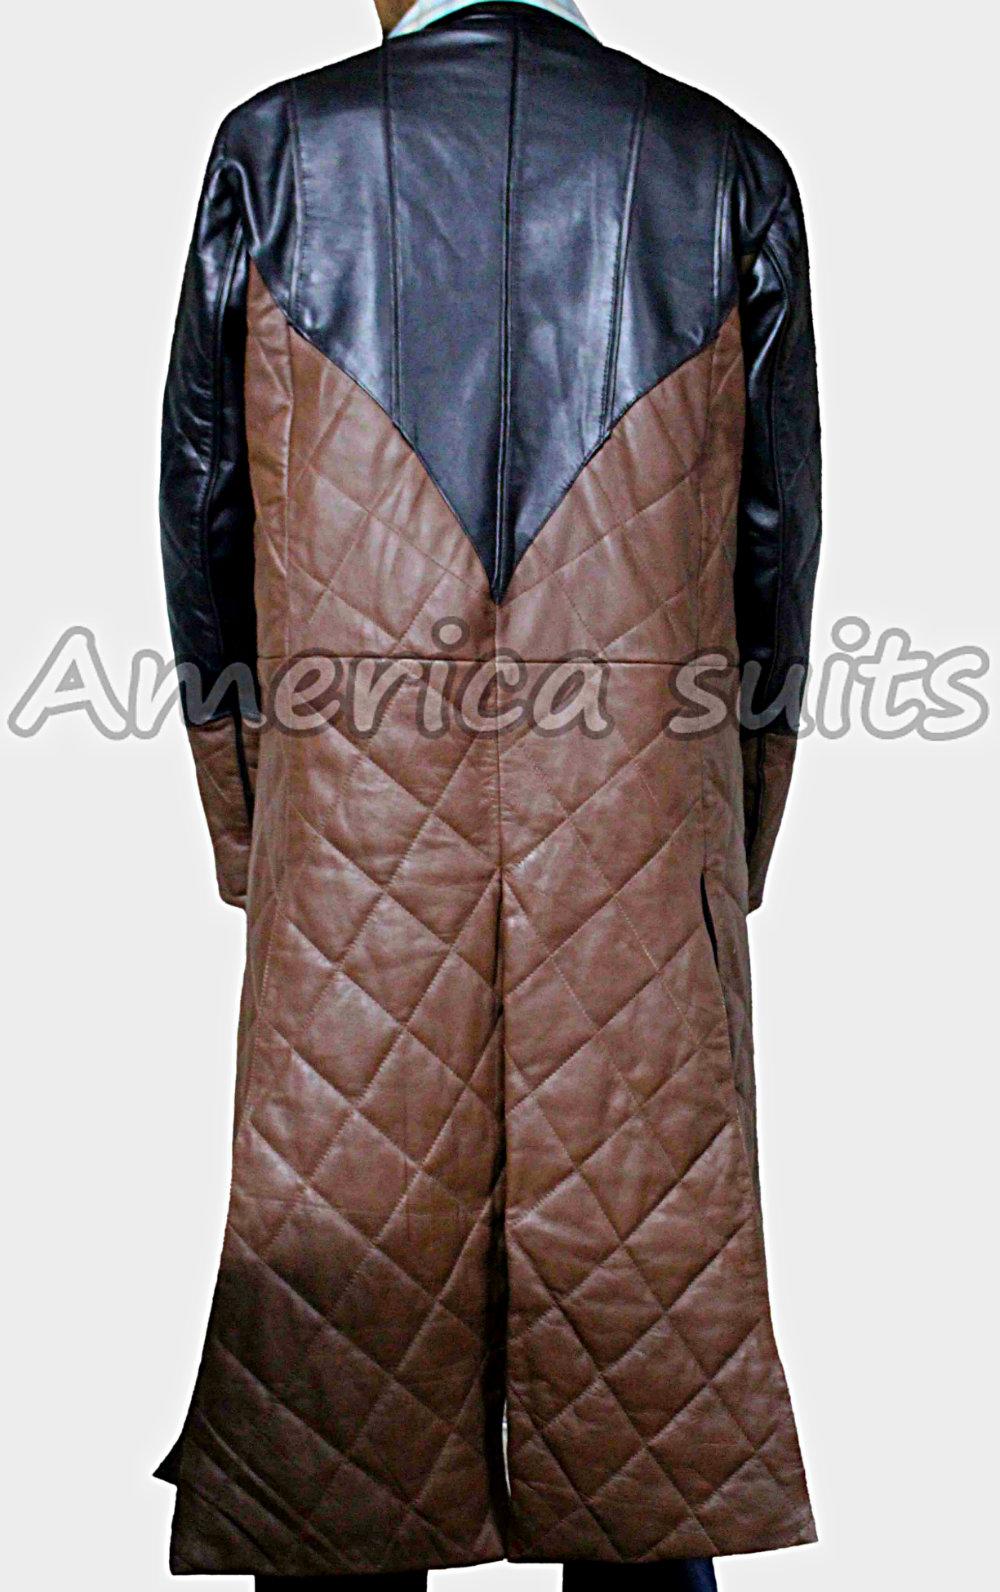 Claudia Black Leather Coat